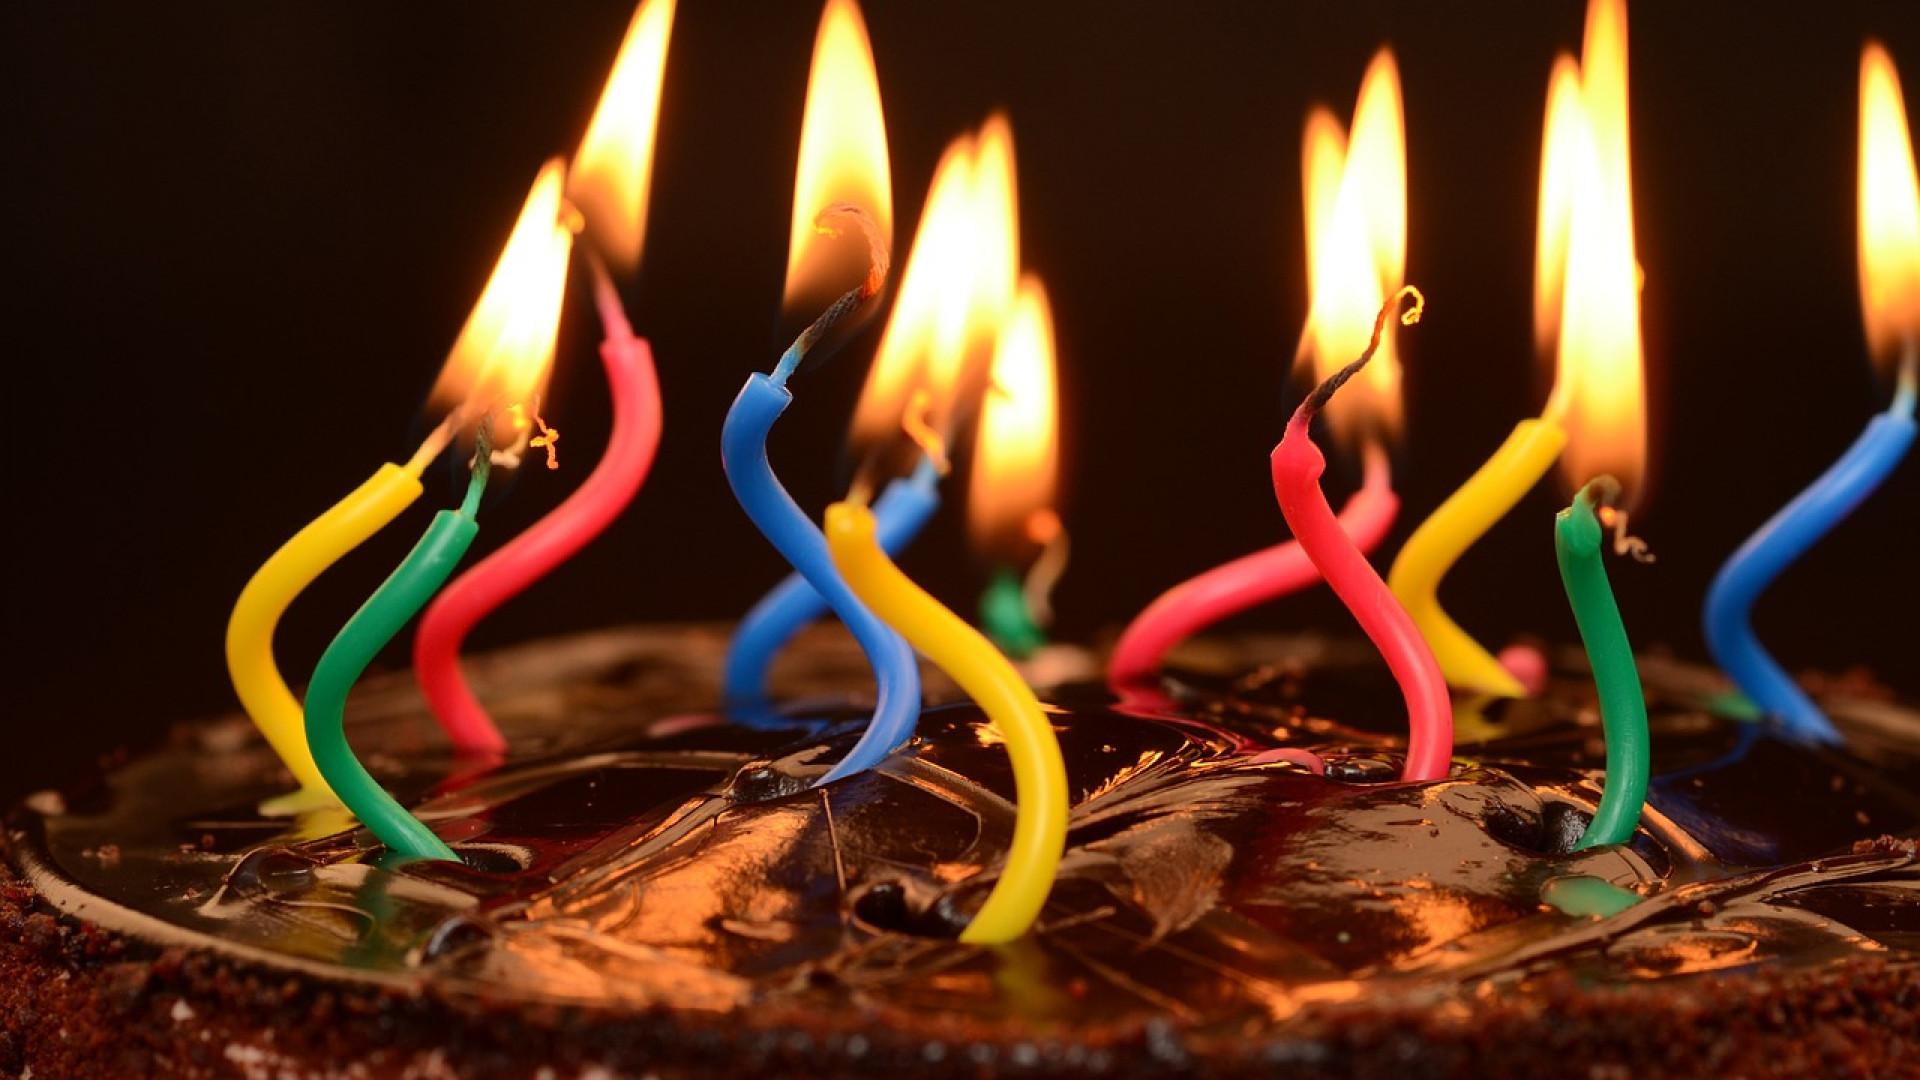 Comment organiser l'anniversaire d'un jeune enfant ?